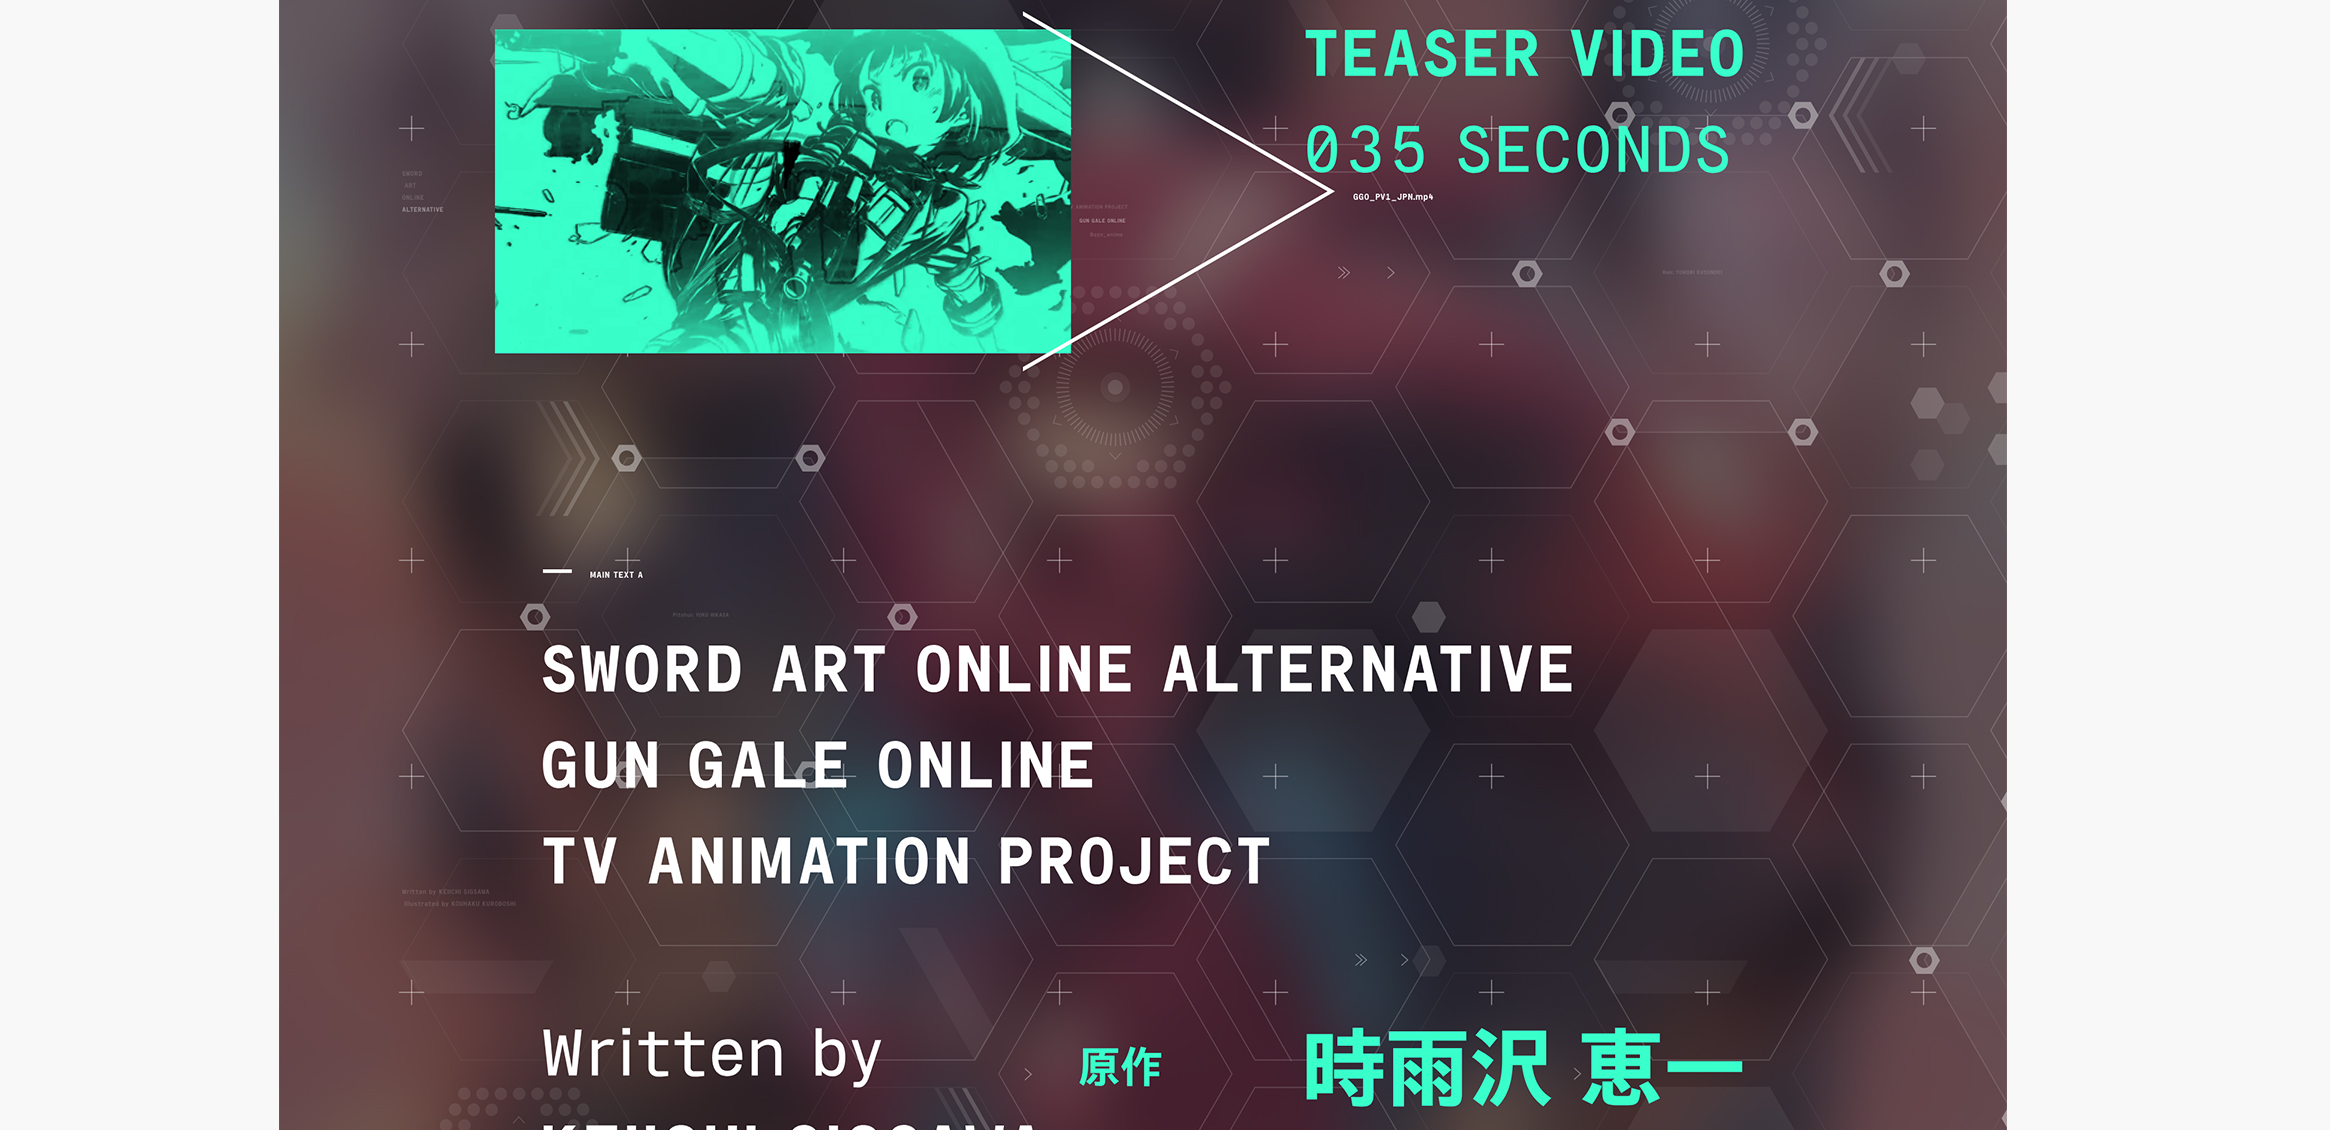 TVアニメ ソードアート・オンライン オルタナティブ ガンゲイル・オンライン1枚目